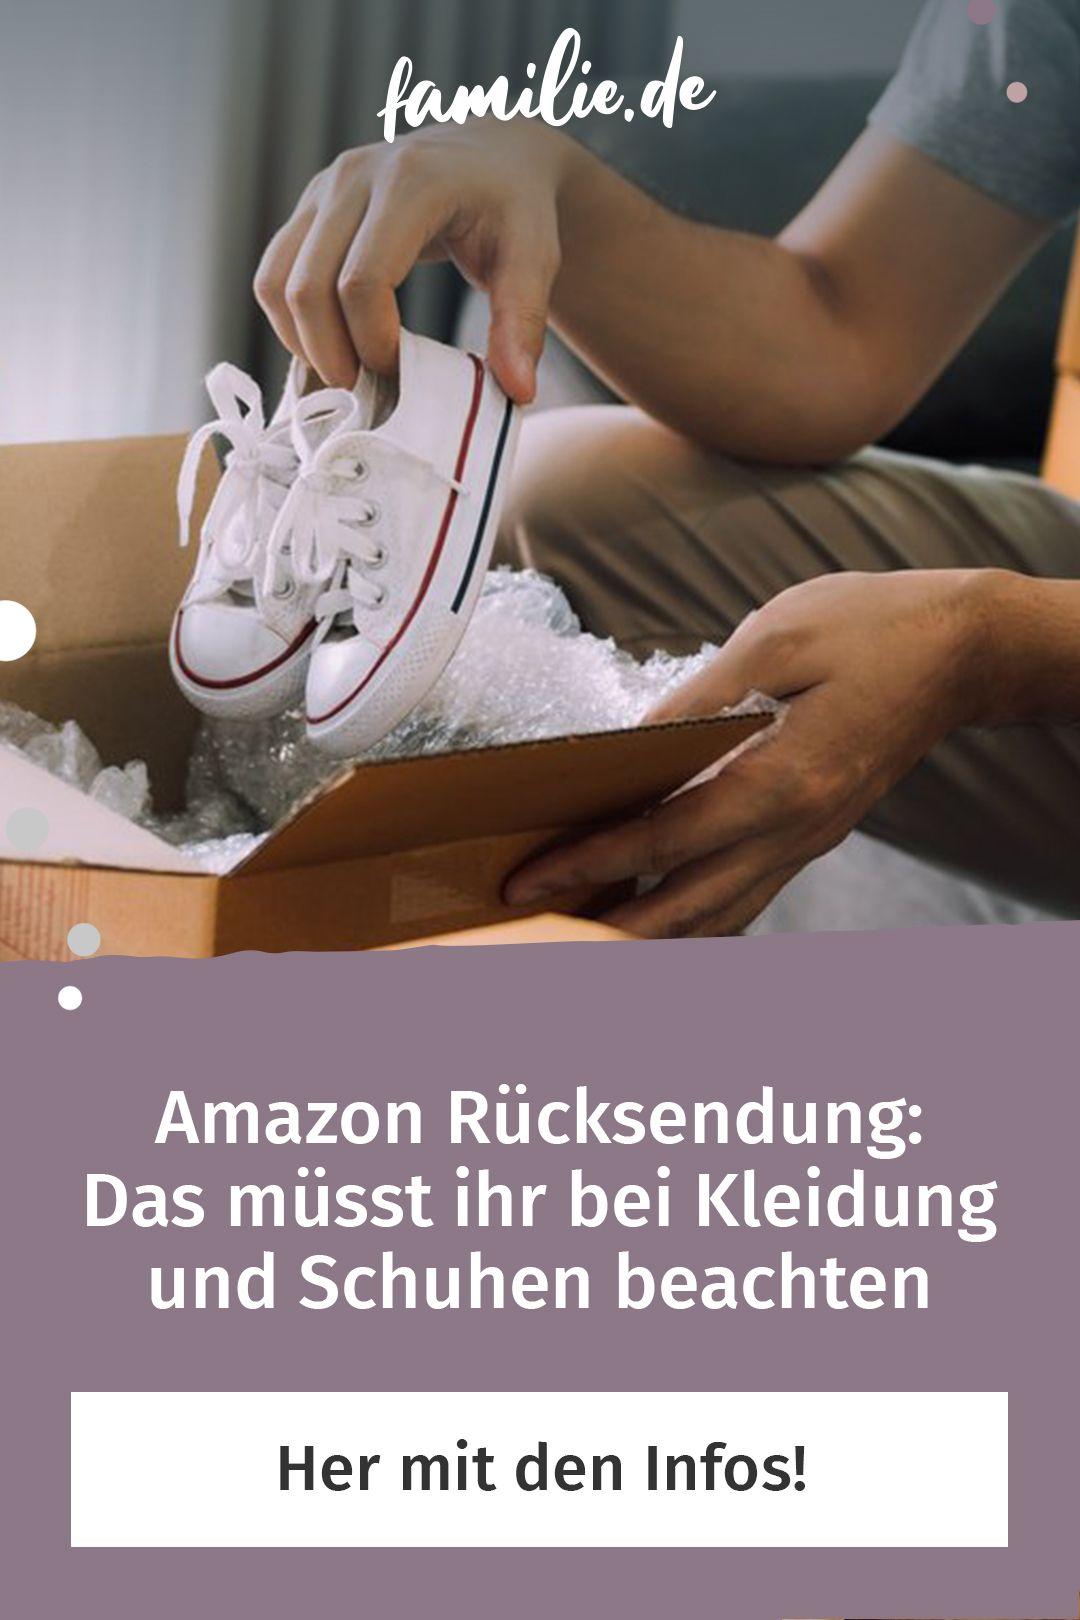 Amazon Rucksendung Das Musst Ihr Bei Kleidung Beachten Familie De Kleidung Familienleben Schuhe